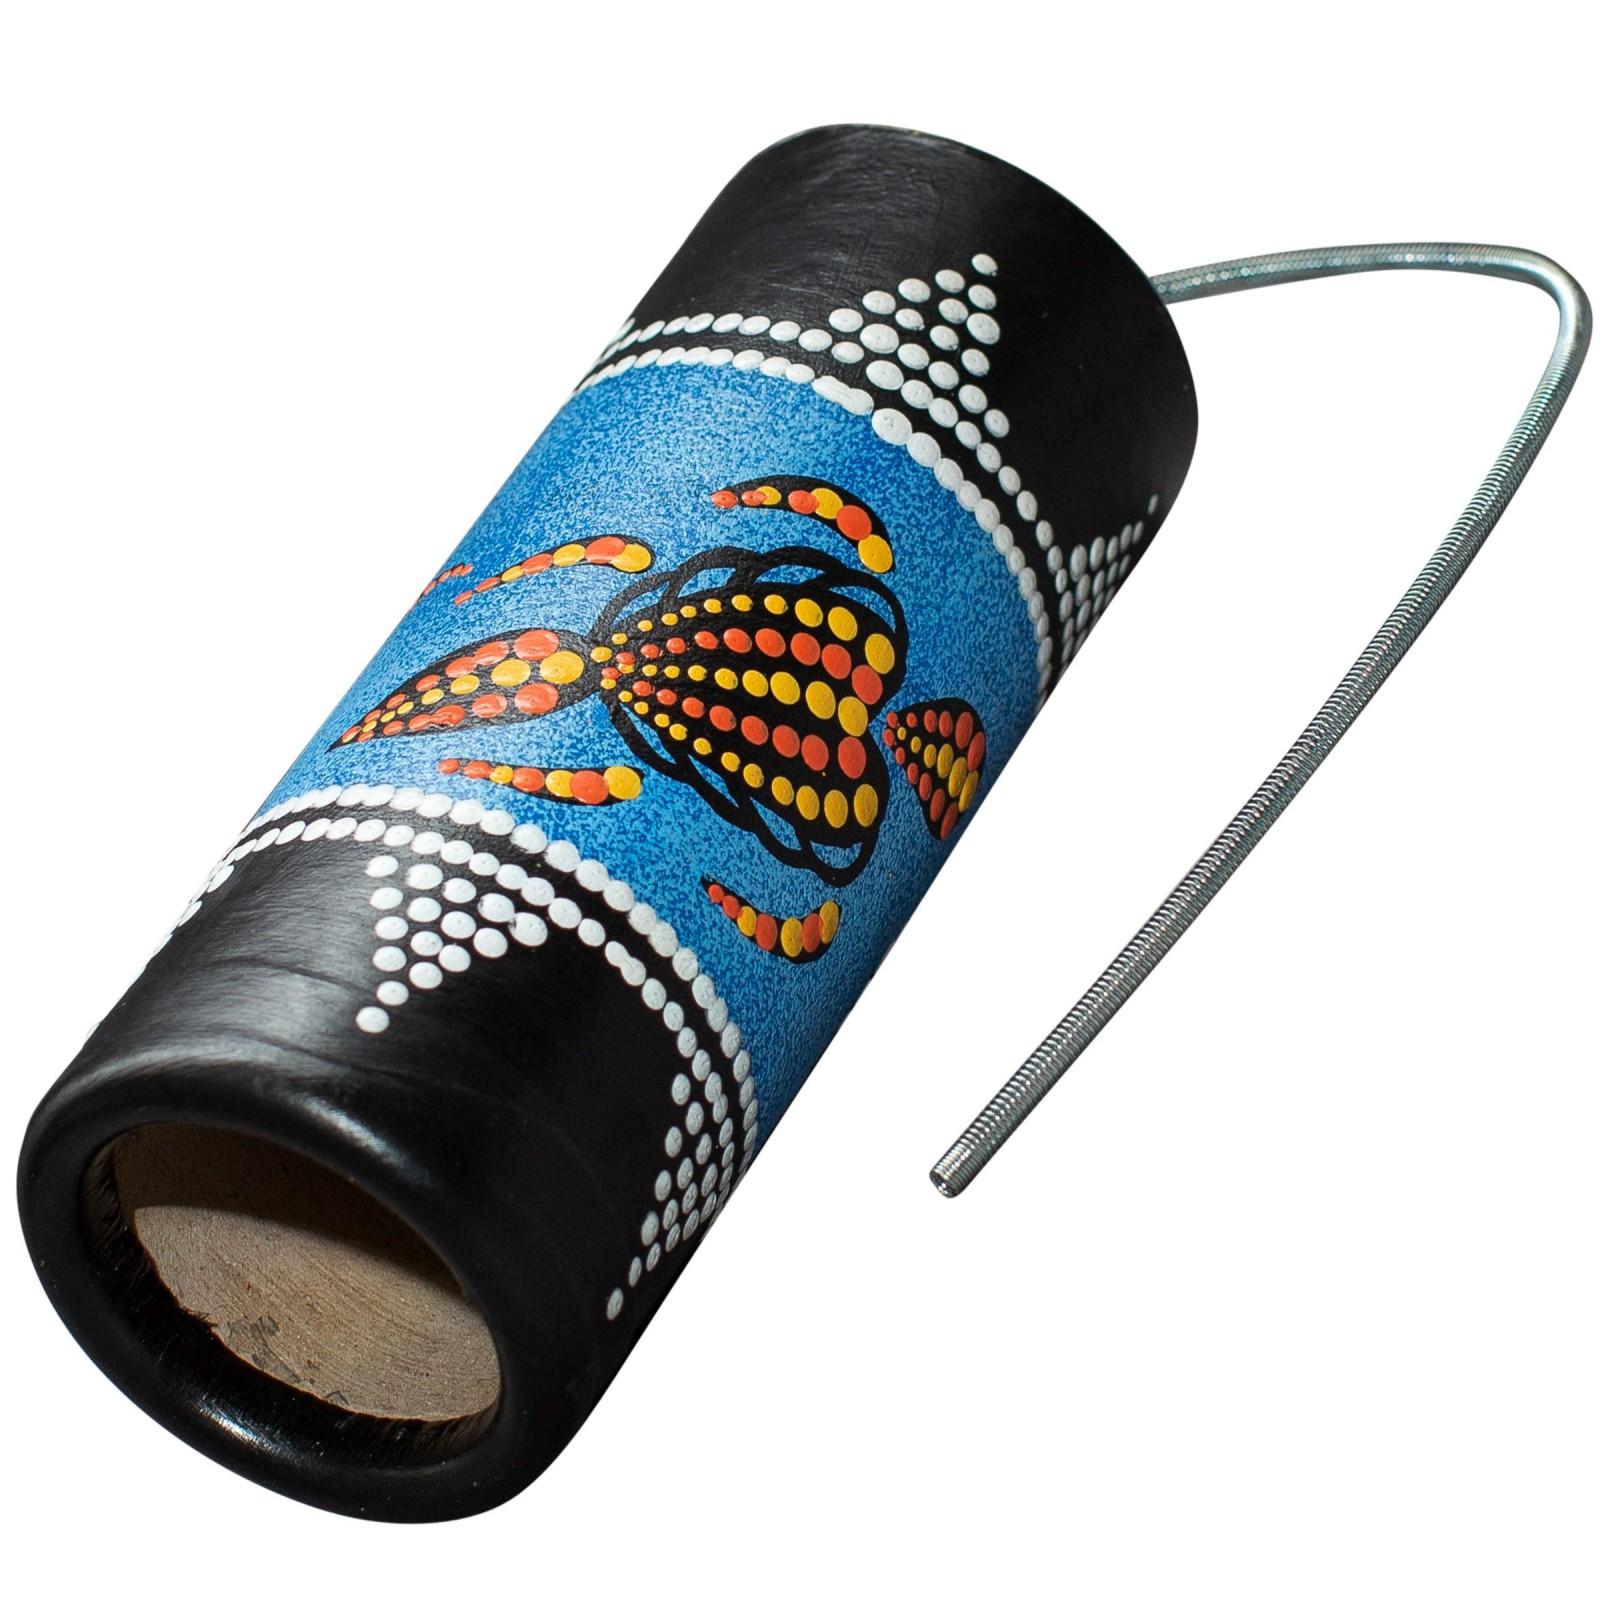 TAMBURO DEL TUONO, AT- BLTD-25 - Thunder Drum- strumento musicale per bambini - Tuono Tamburo - 25cm